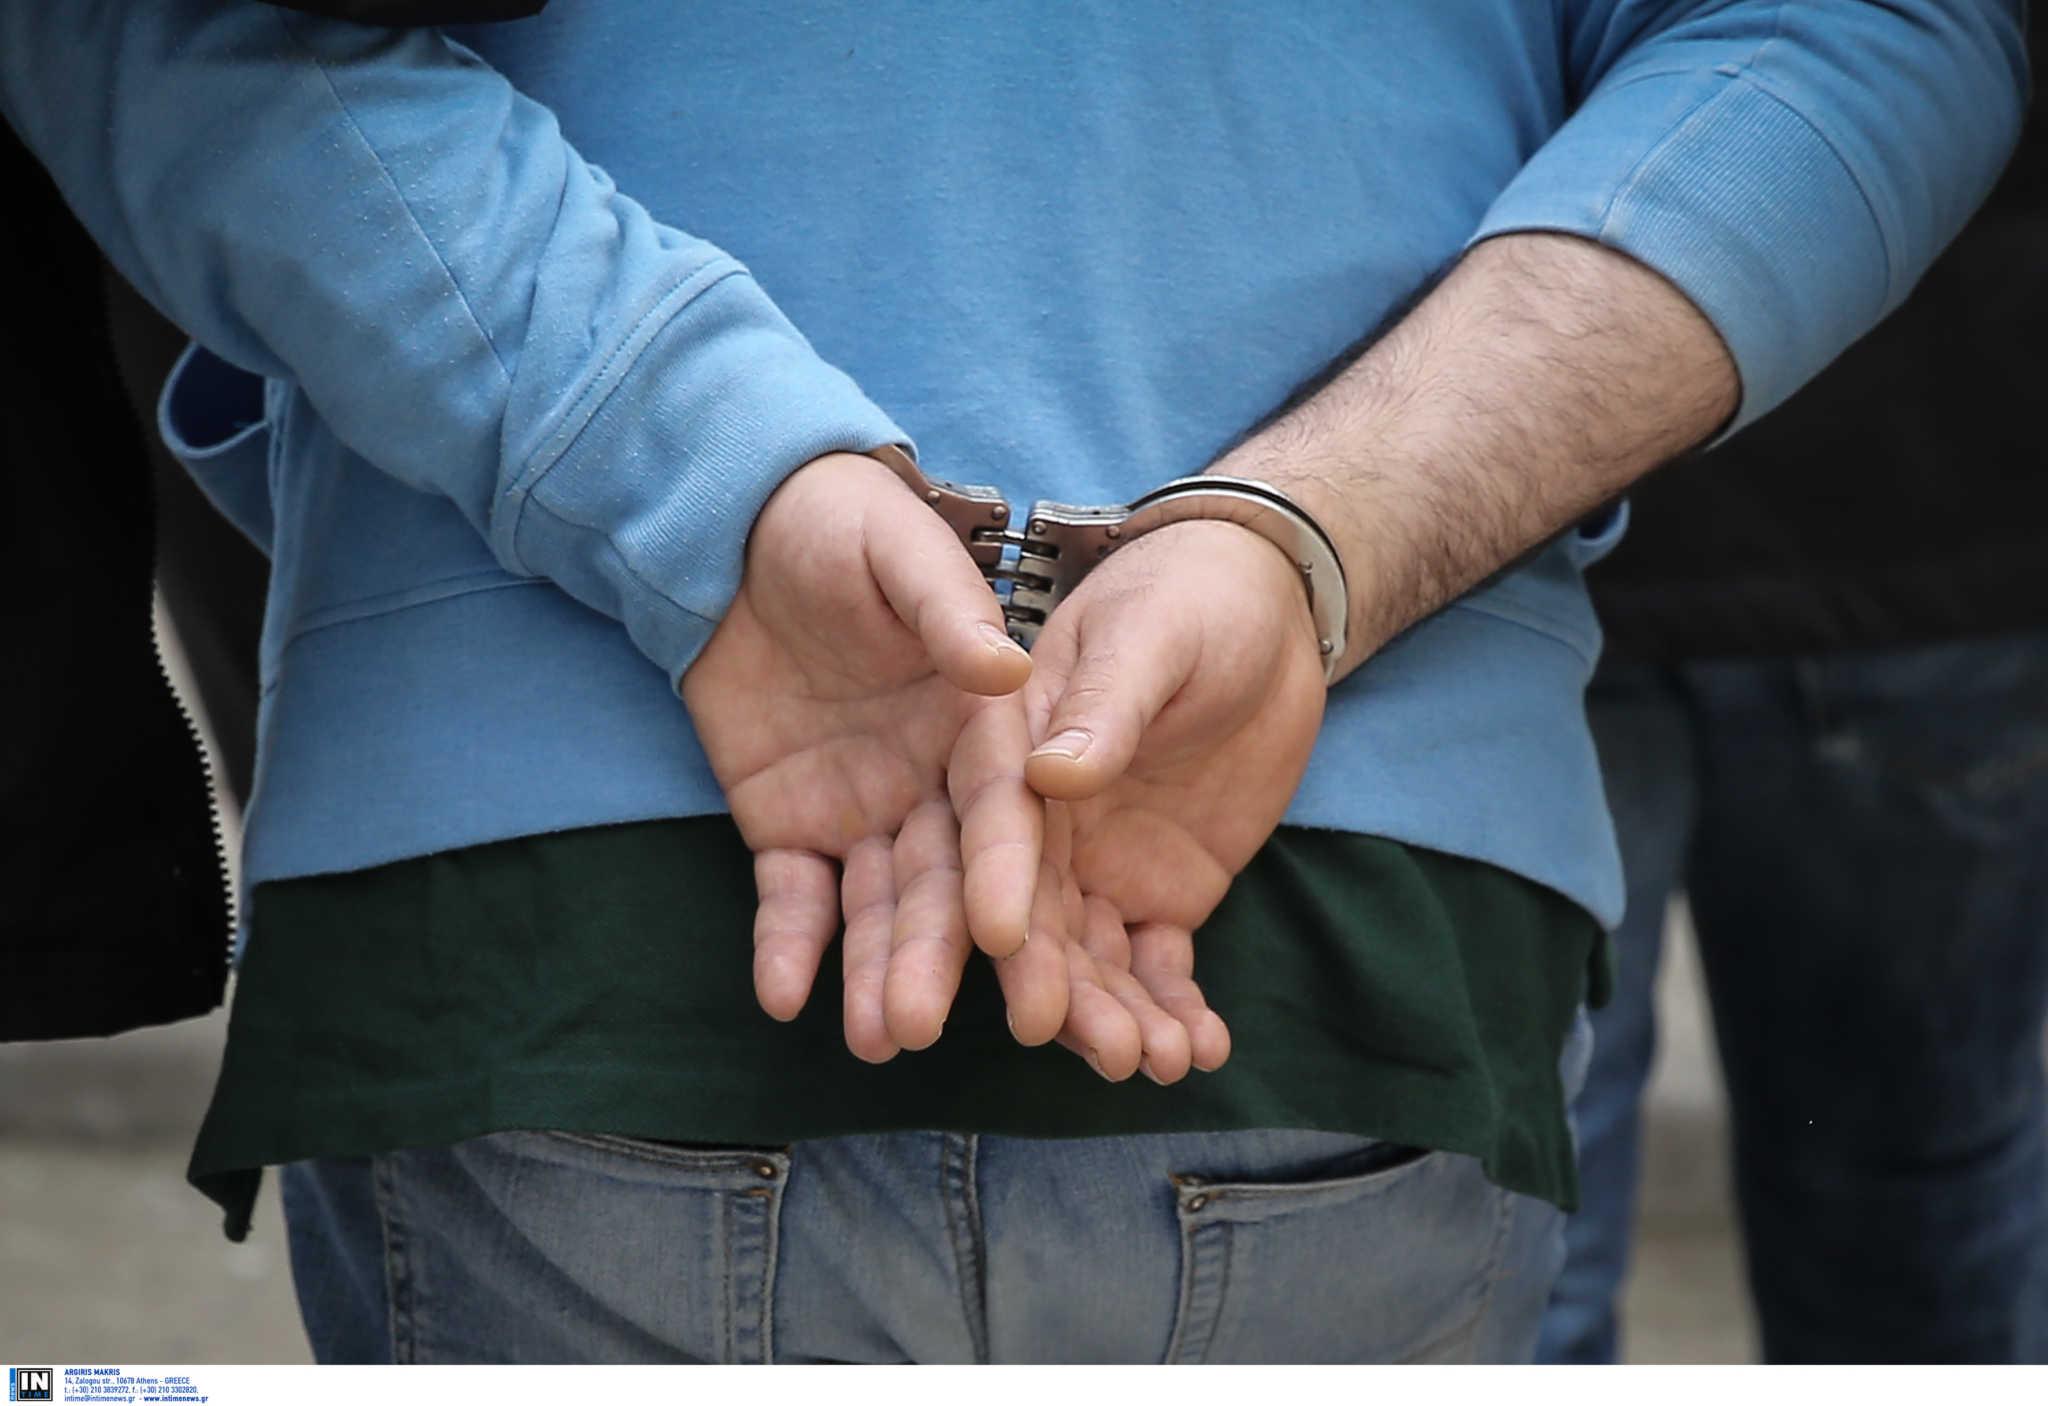 Ρόδος: Τρεις συλλήψεις μελών κυκλώματος μεταναστών